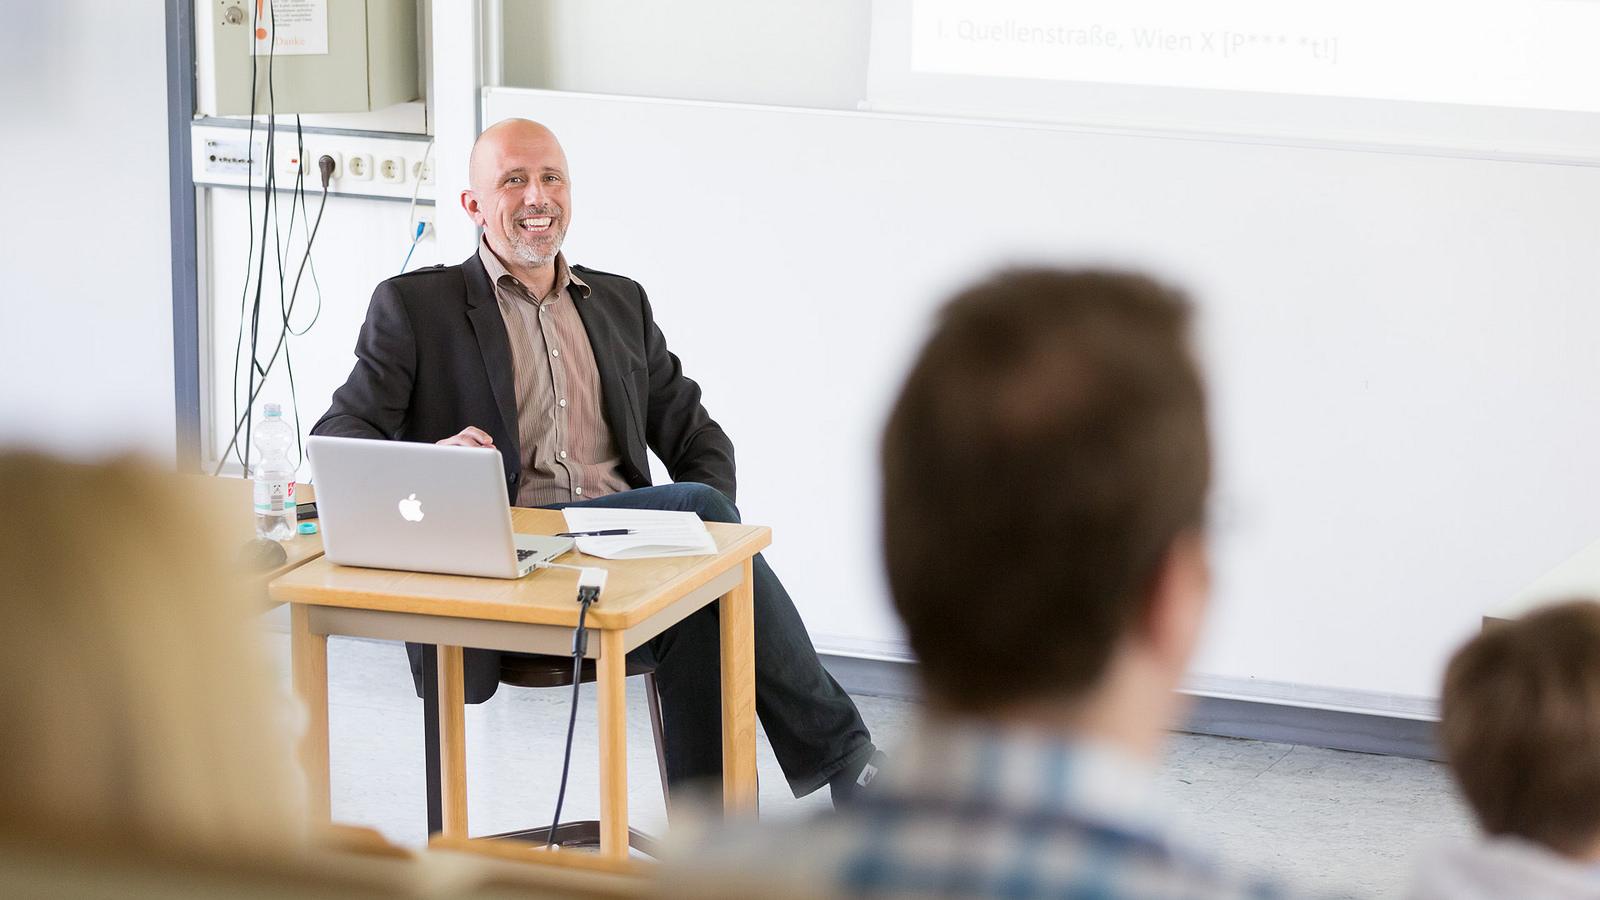 Thomas Wolkinger auf dem ScienceWednesday am Mediencampus der Hochschule Darmstadt